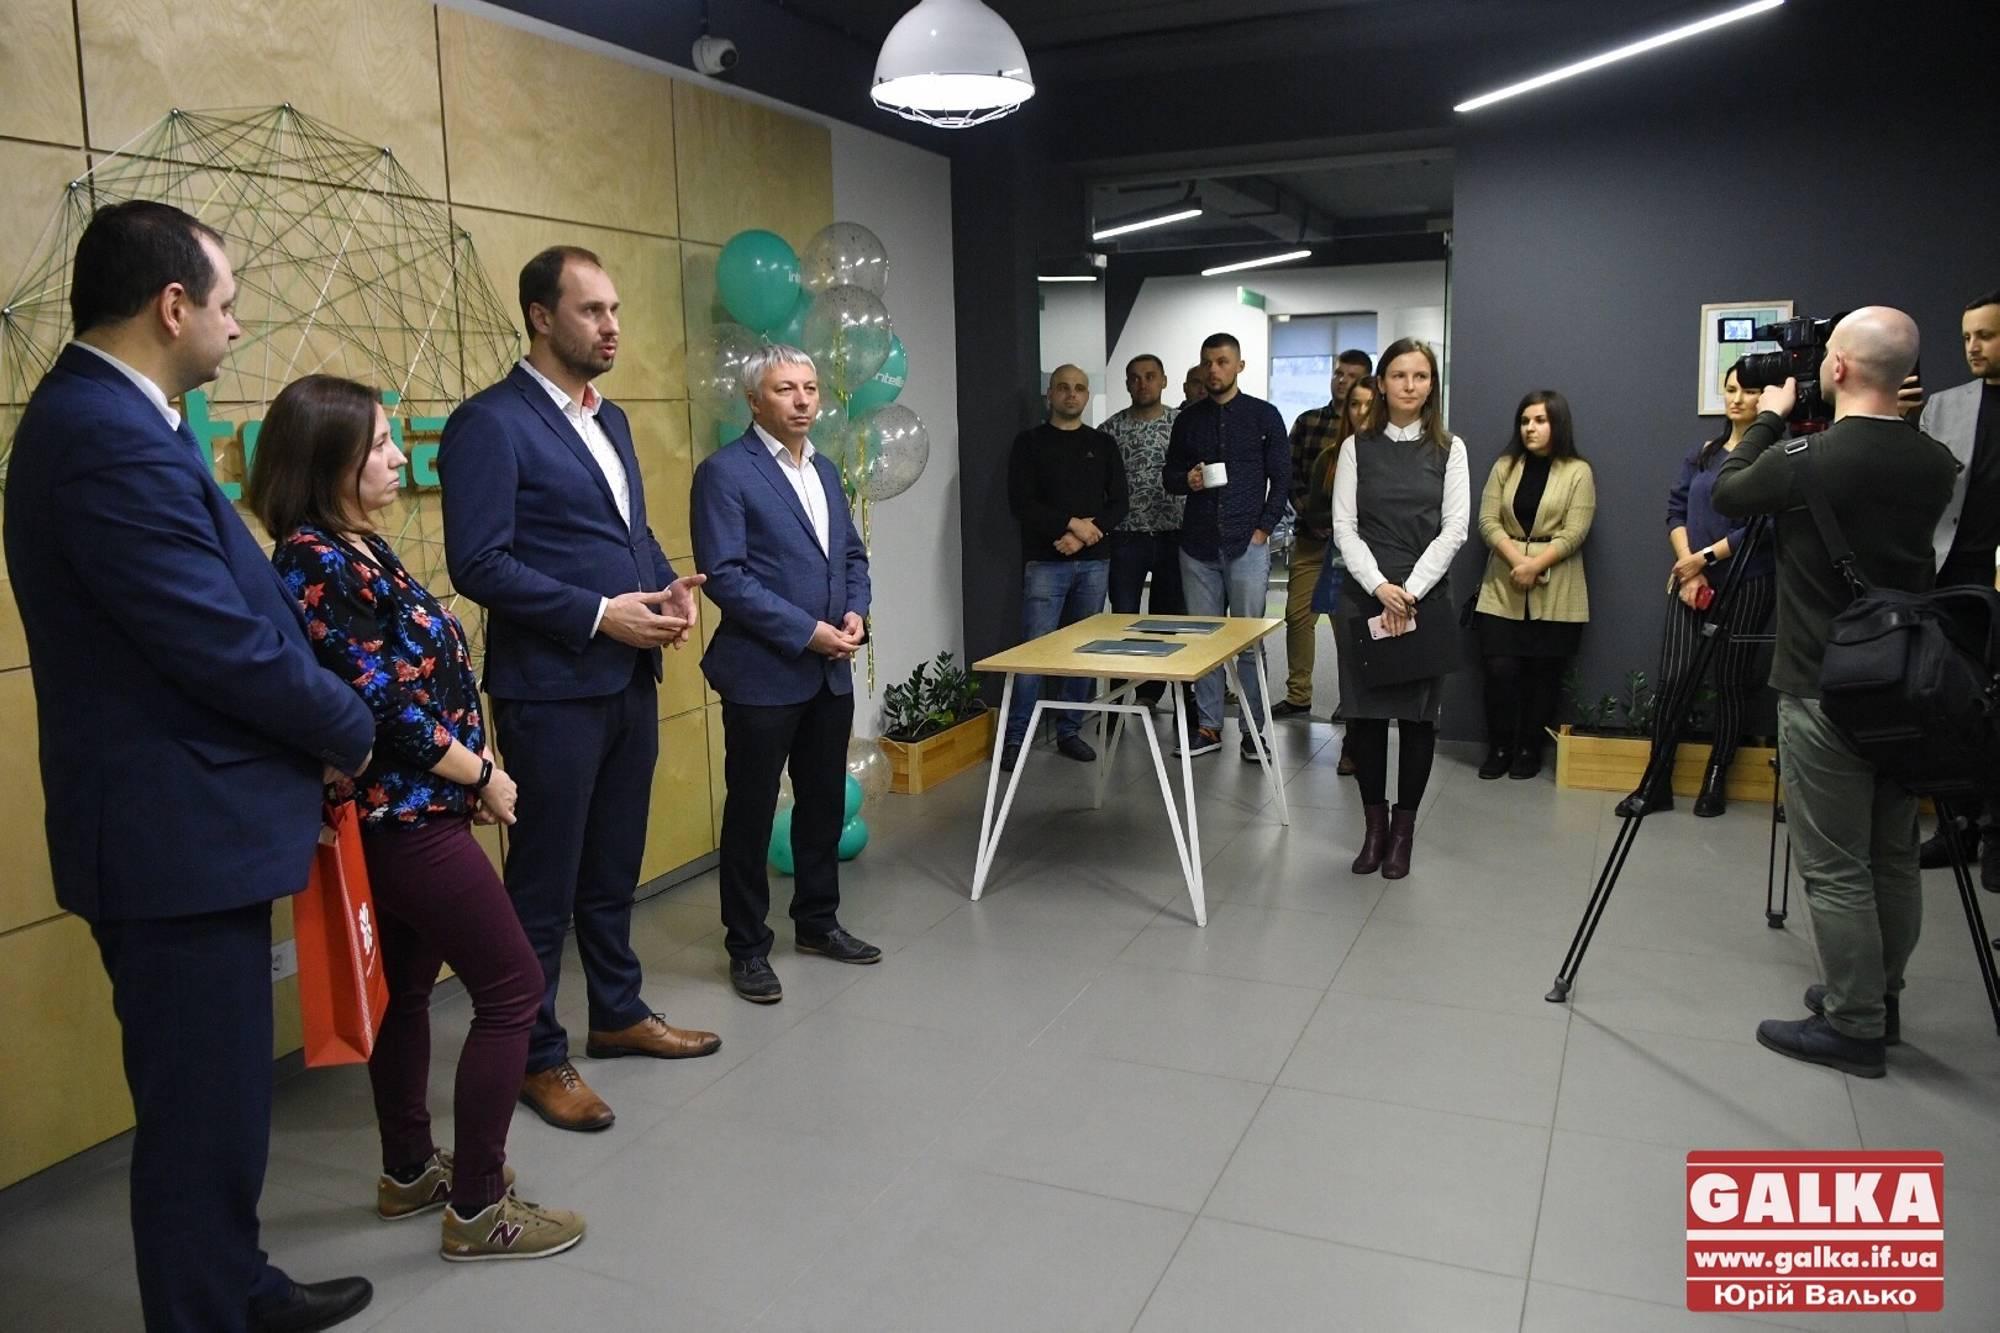 Ще одна ІТ-компанія відкрила новий офіс у Франківську: Марцінків прийшов в гості з шкарпетками (ФОТО)